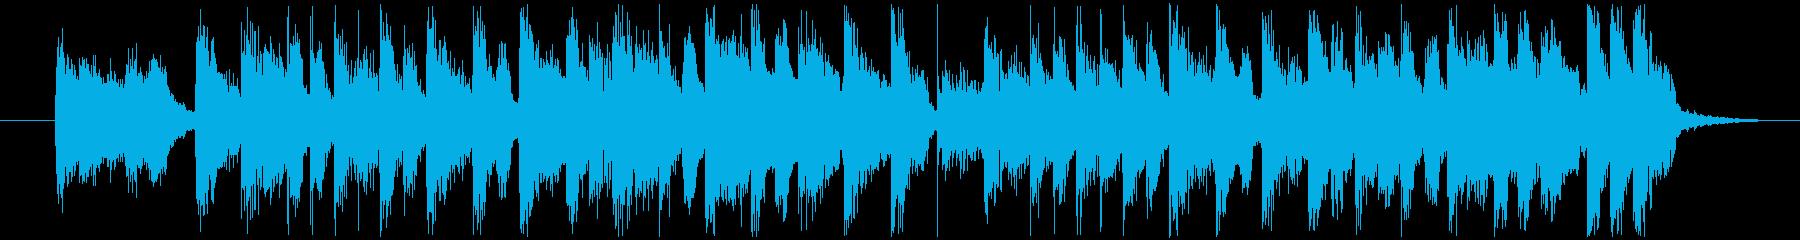 ウキウキ楽しい11秒のジングルの再生済みの波形